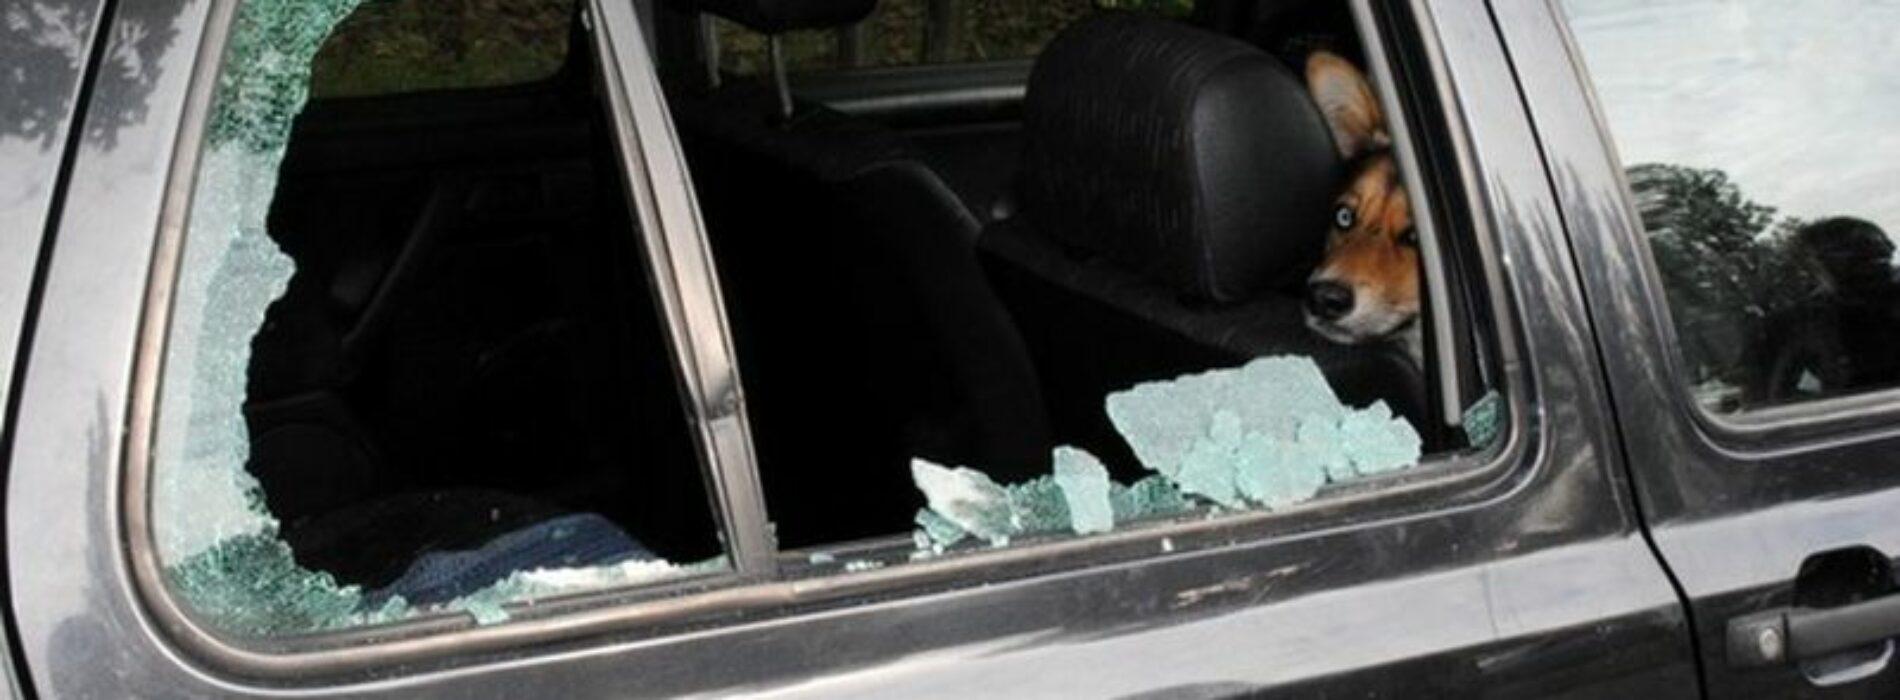 Dzięki ludzkiej czujności, policjanci uratowali psa zamkniętego w samochodzie